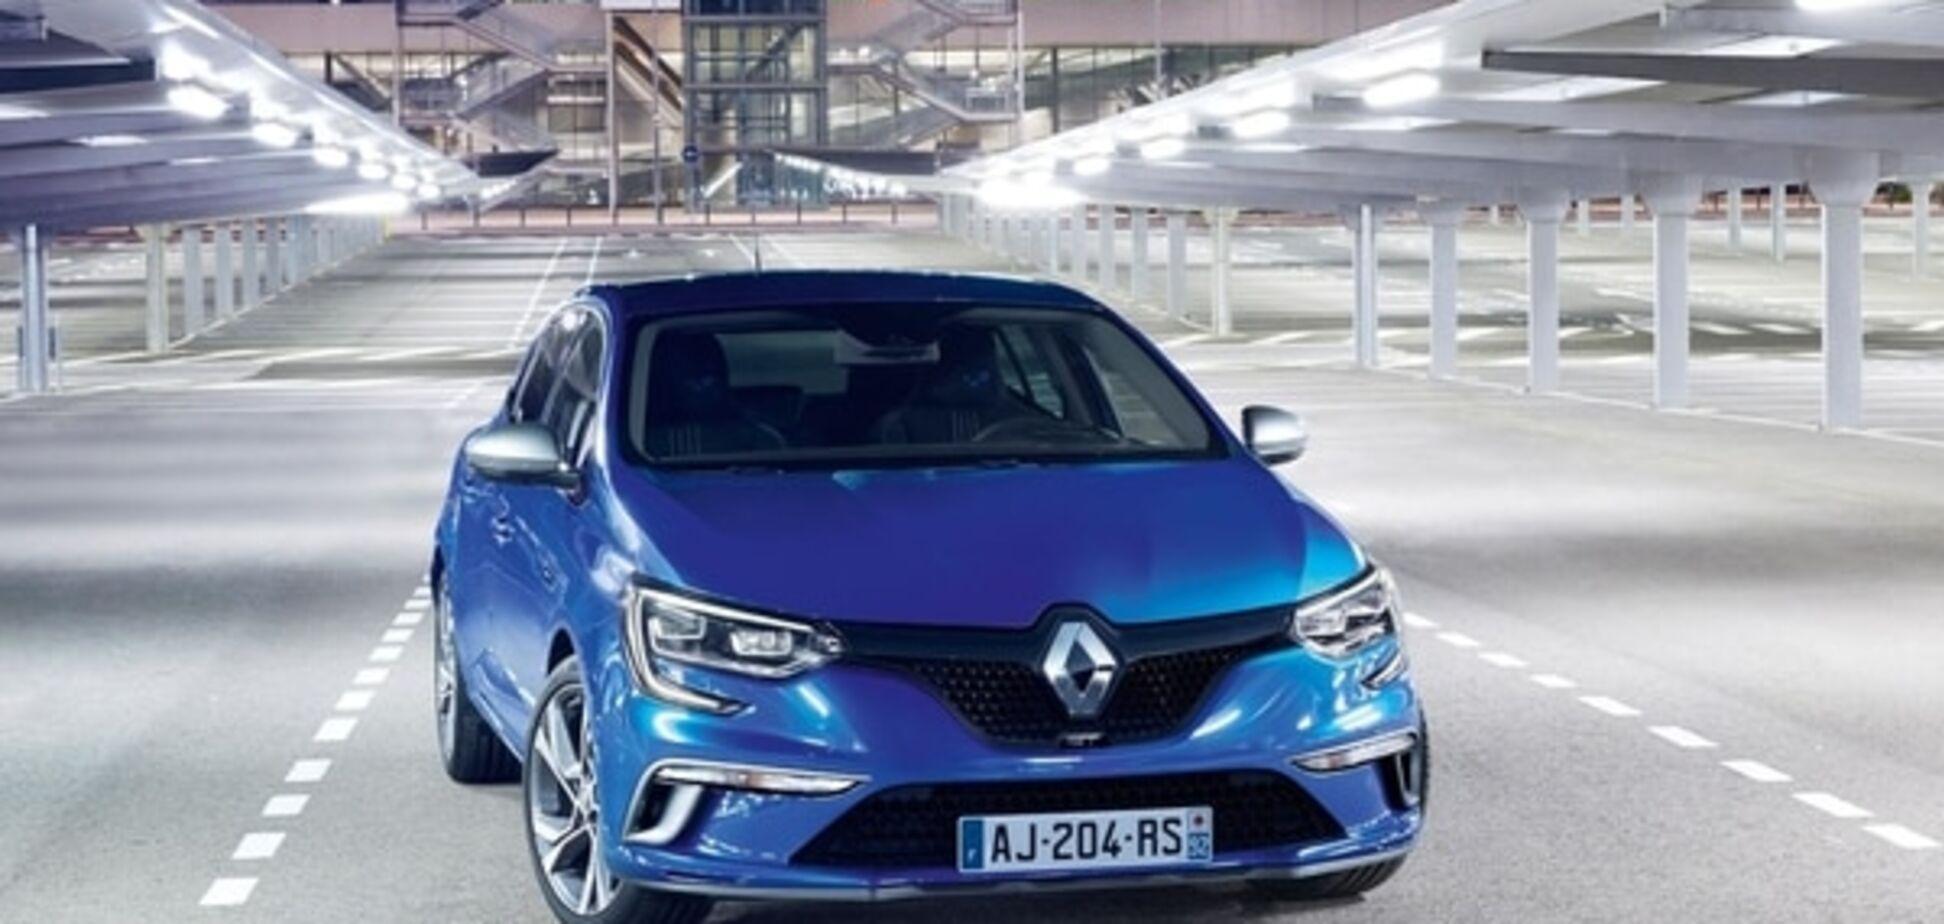 'Мини-талисман'. Renault показал новый Megane: фото модели